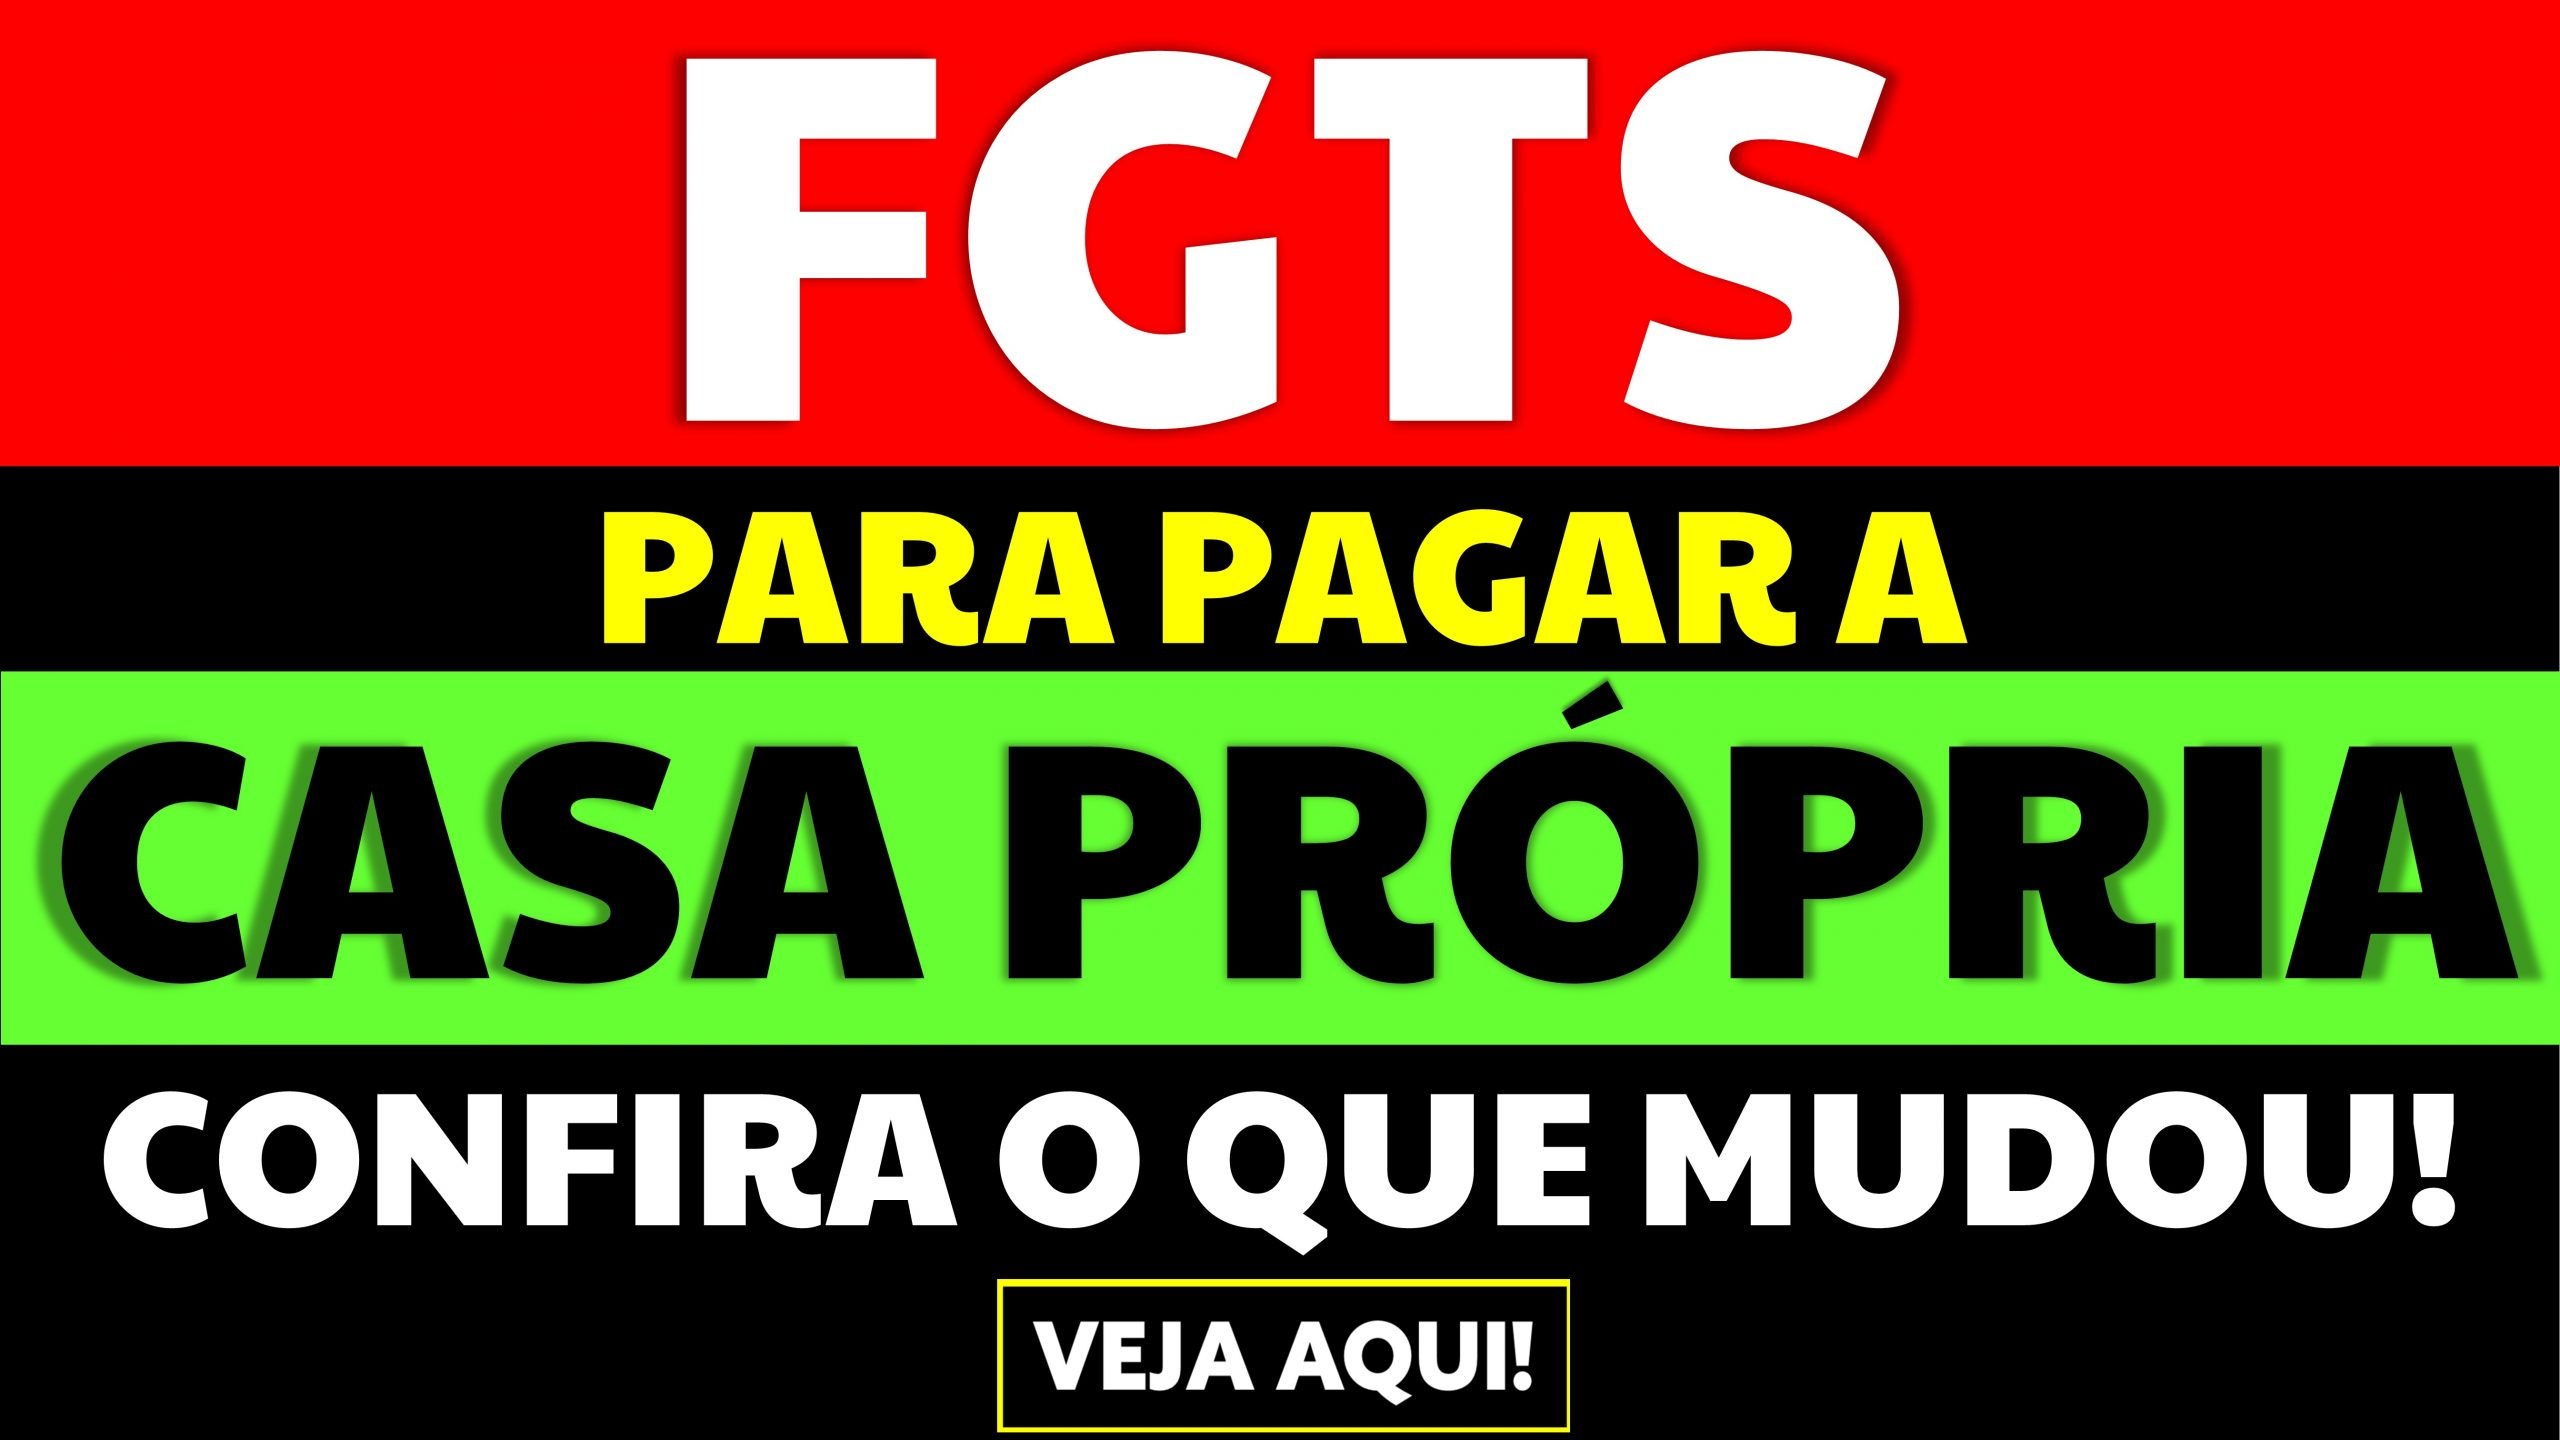 FGTS para pagar a casa própria: Confira o que mudou